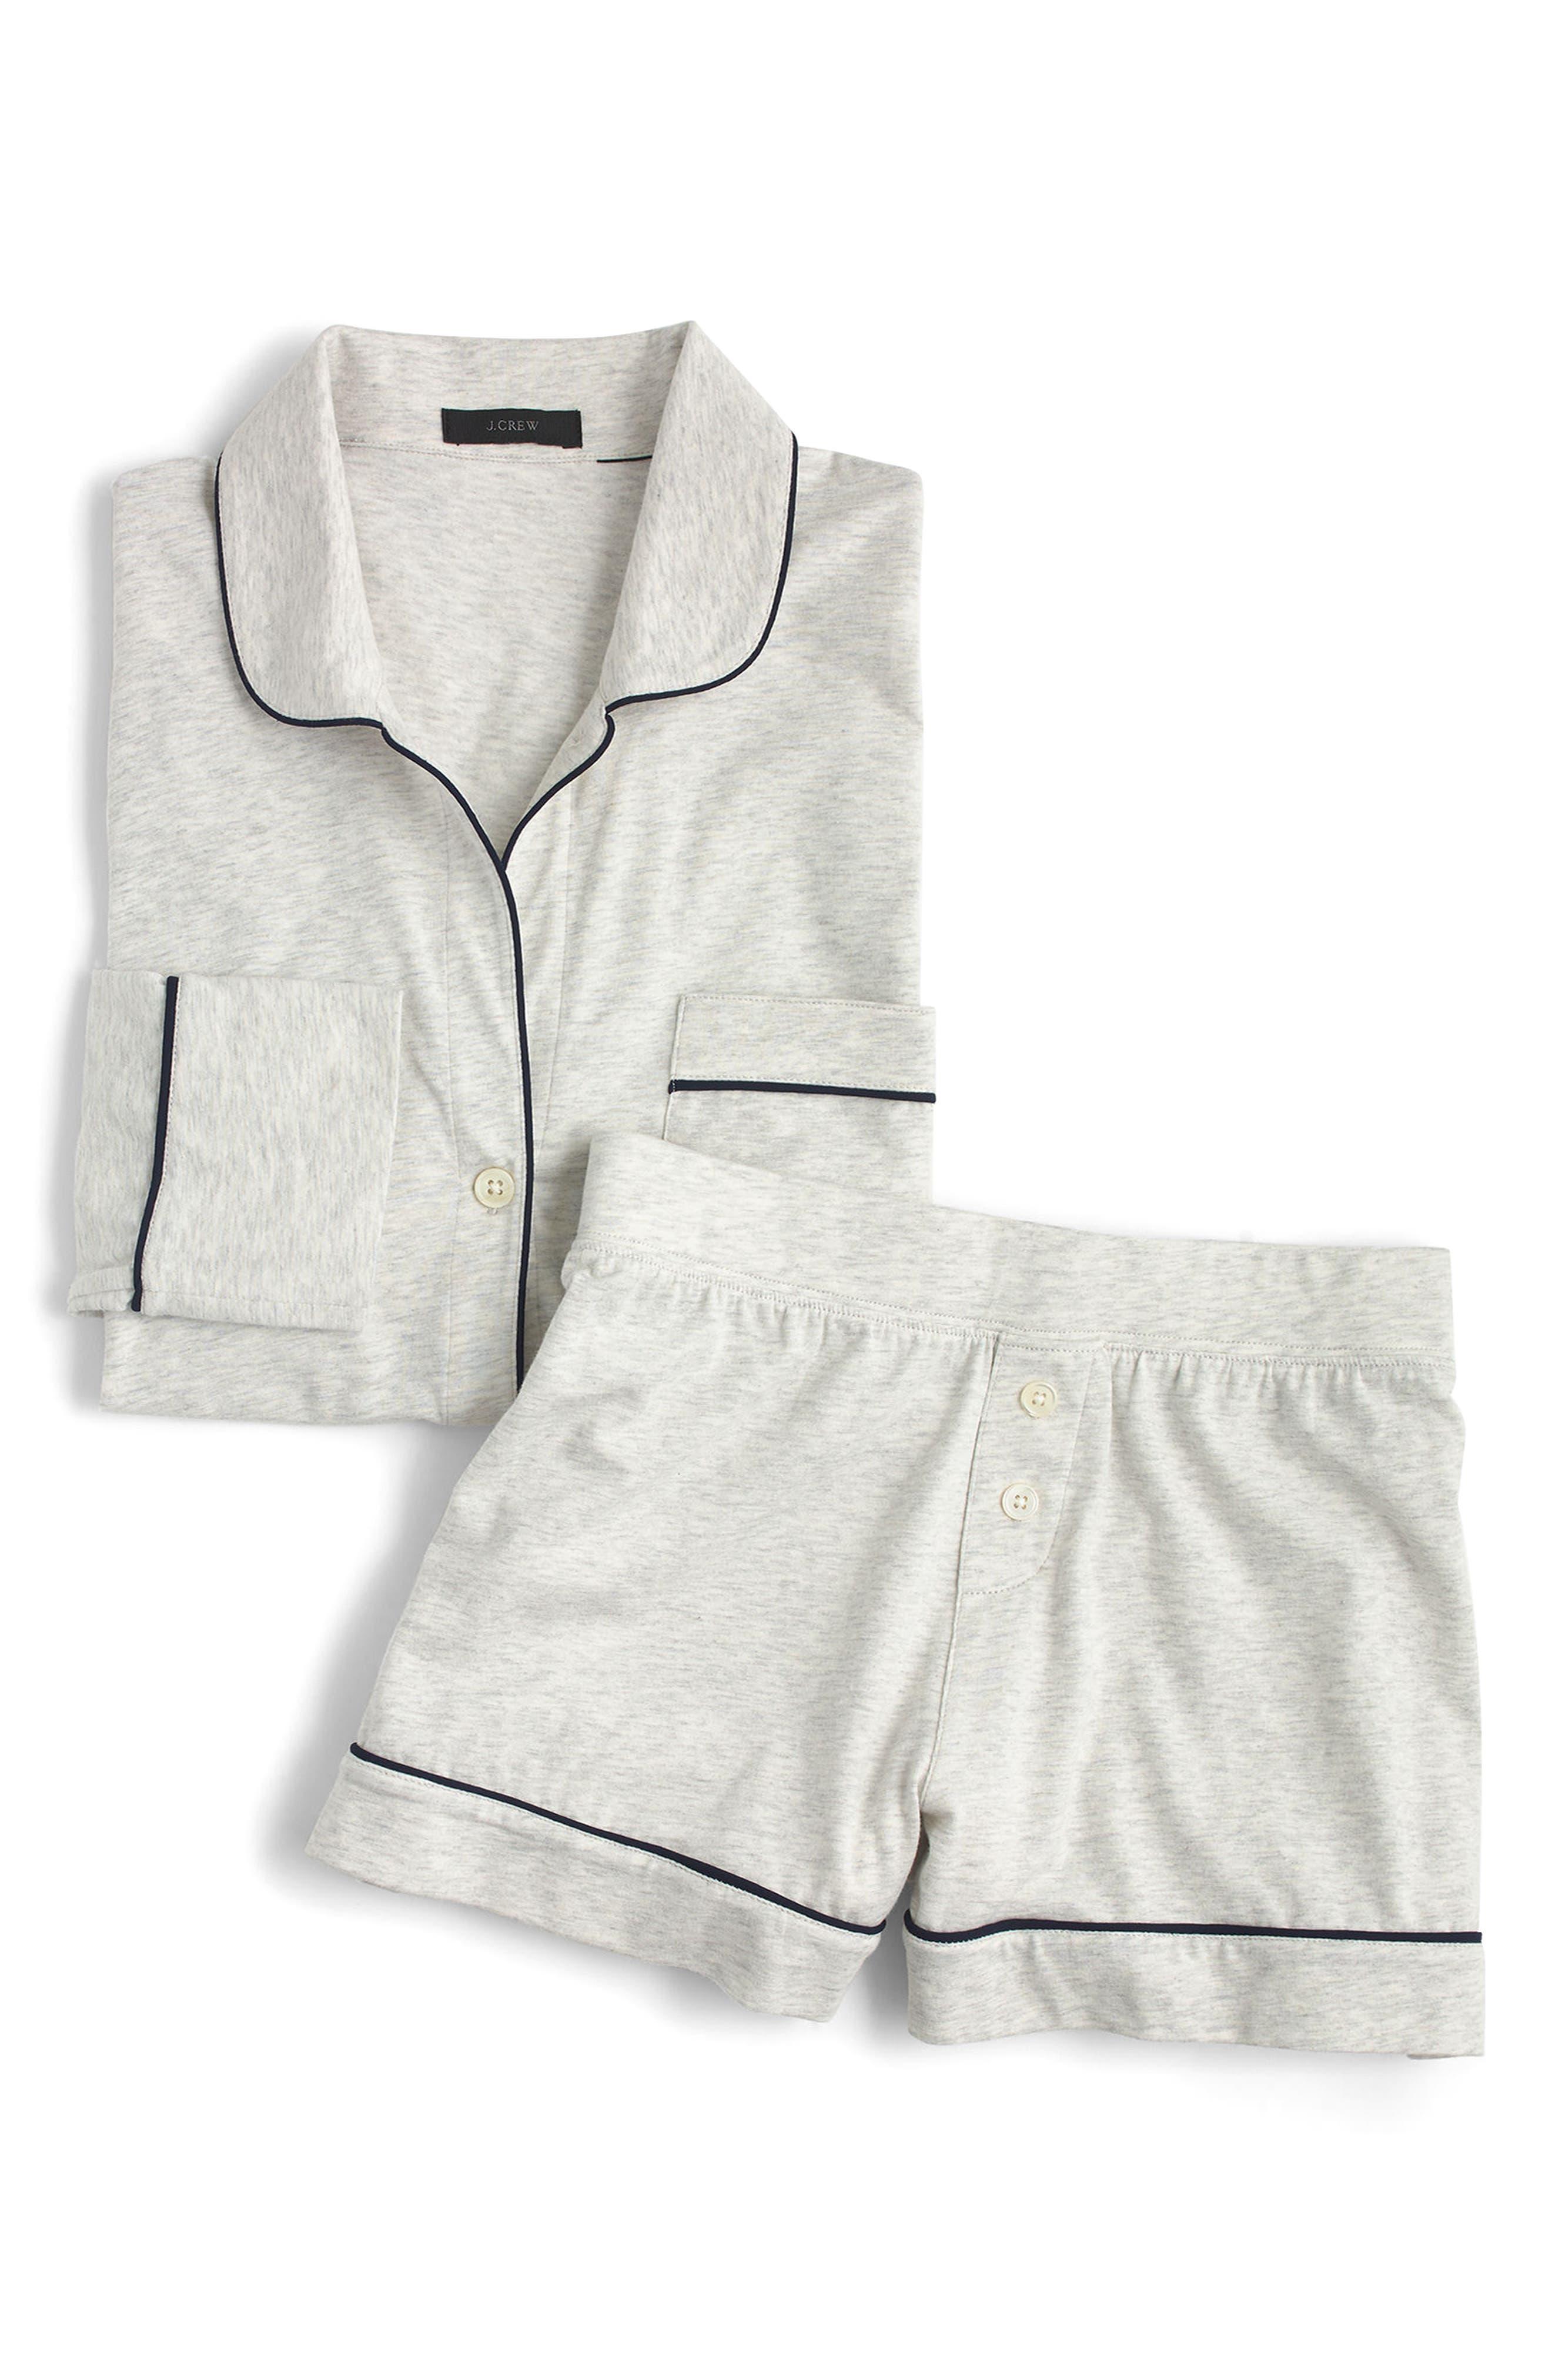 Alternate Image 3  - J.Crew Dreamy Short Cotton Pajamas